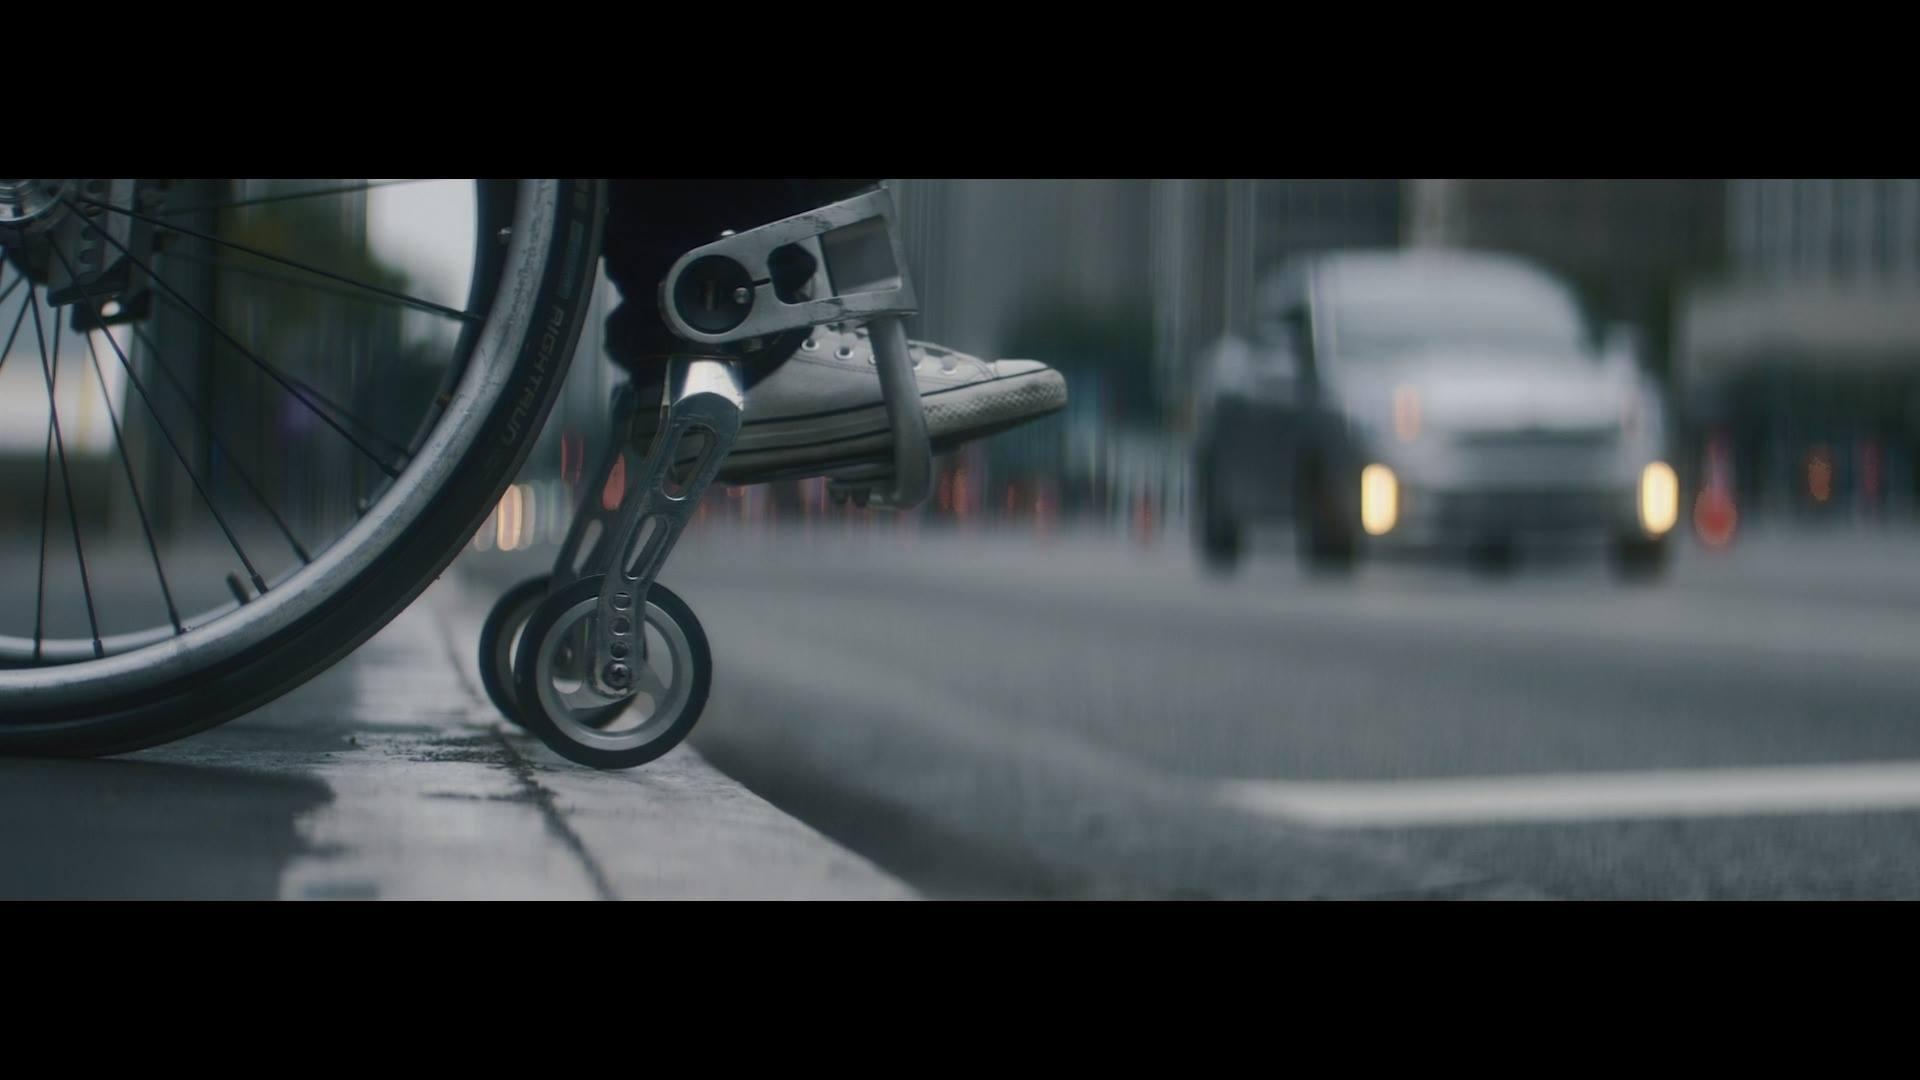 Criatividade no protótipo do tapete de acessibilidade da Ford